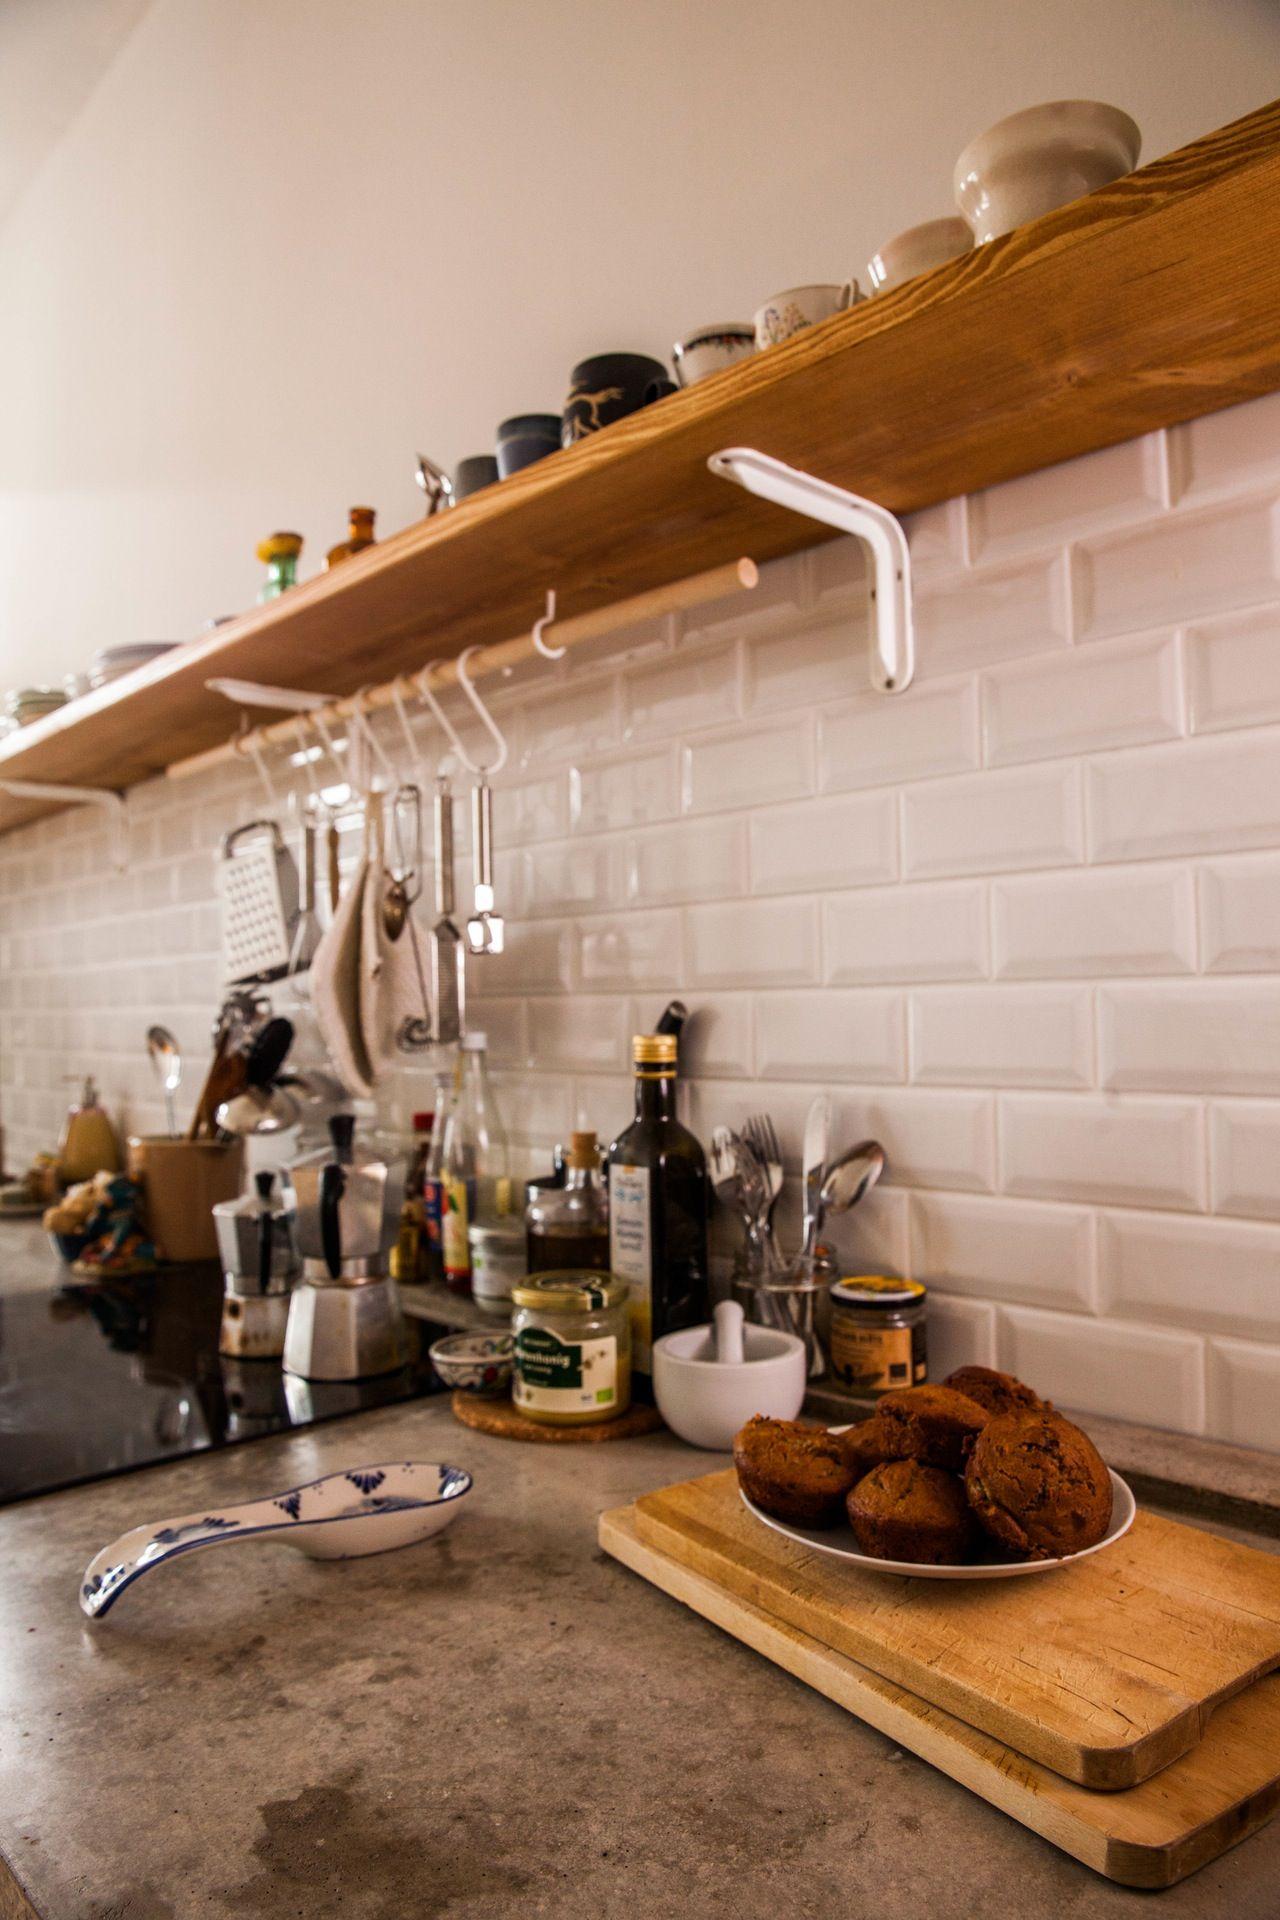 Magnífico Apartamento Almacenaje De La Cocina Terapia Ideas ...